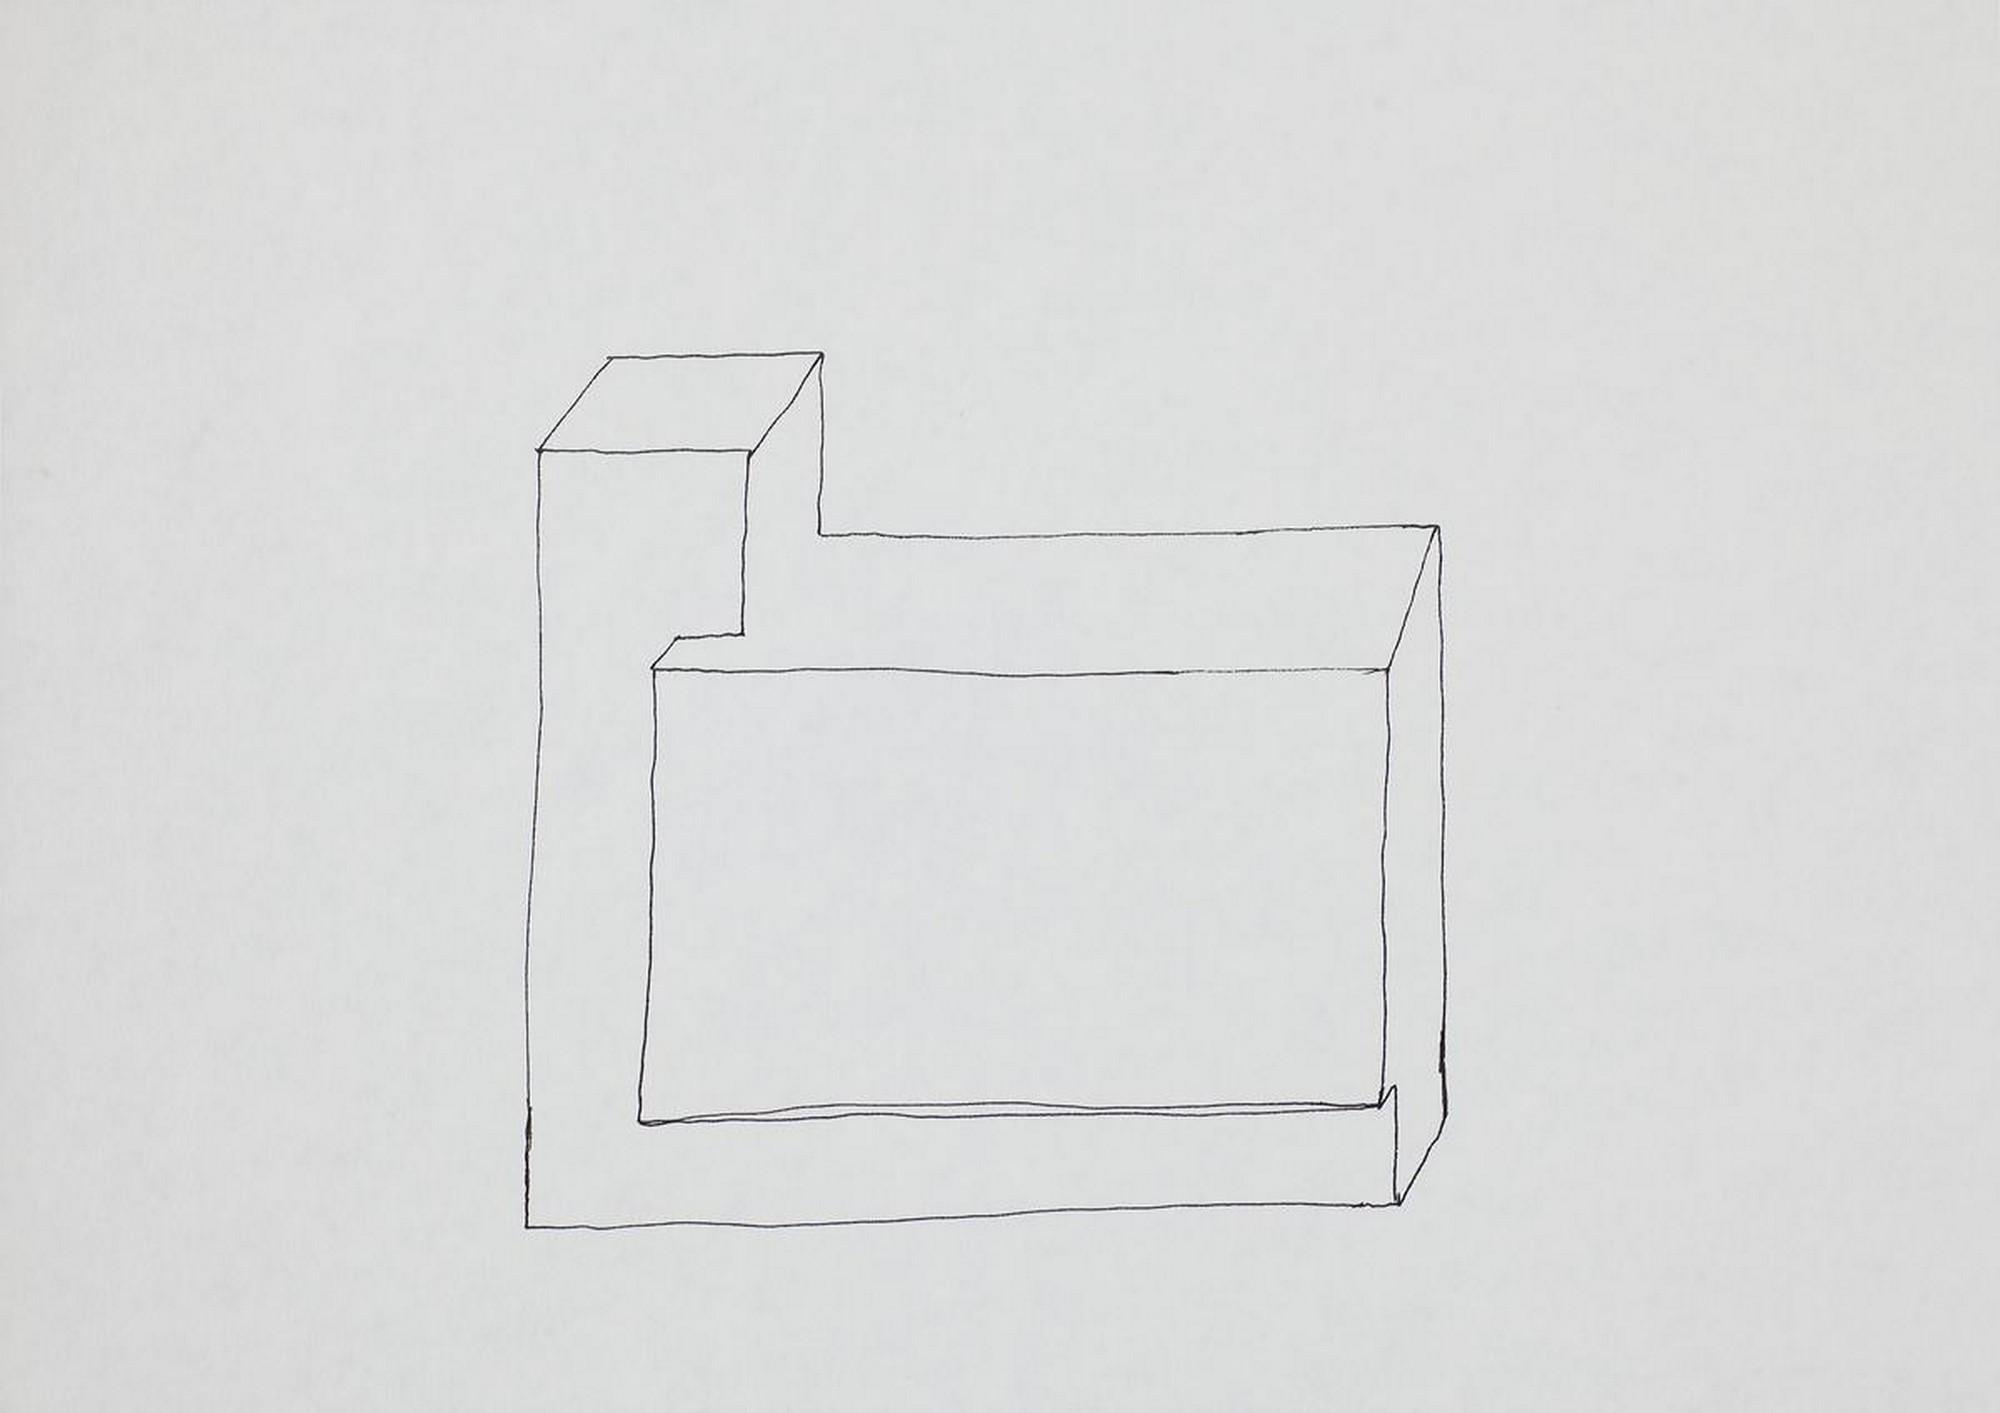 Mona Vătămanu i Florin Tudor, Deszcz (Ploaia) / Rain (Ploaia), rysunki, 2005 (źródło: materiały prasowe)